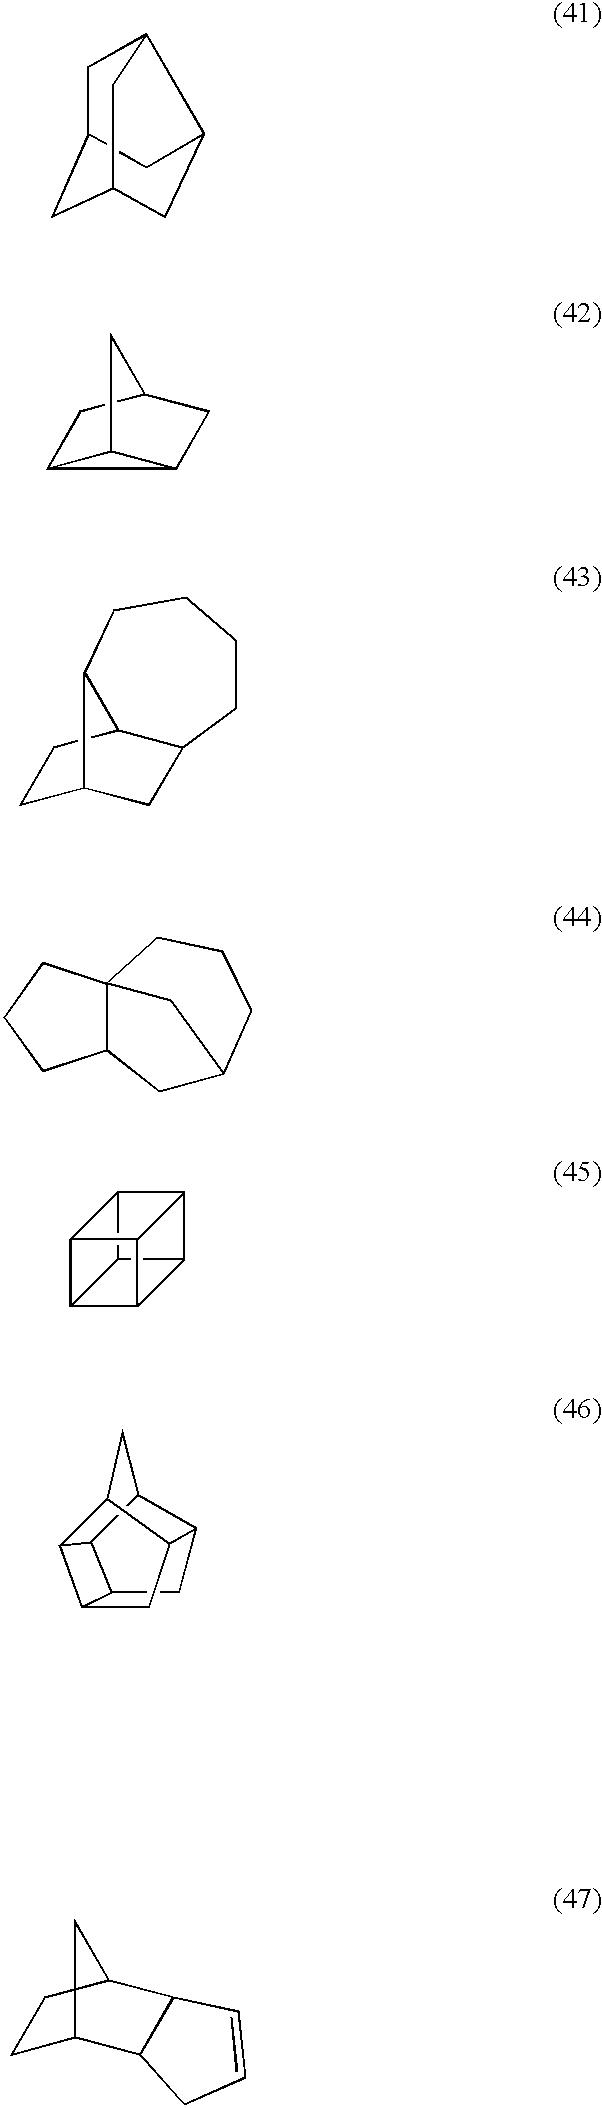 Figure US20030186161A1-20031002-C00057